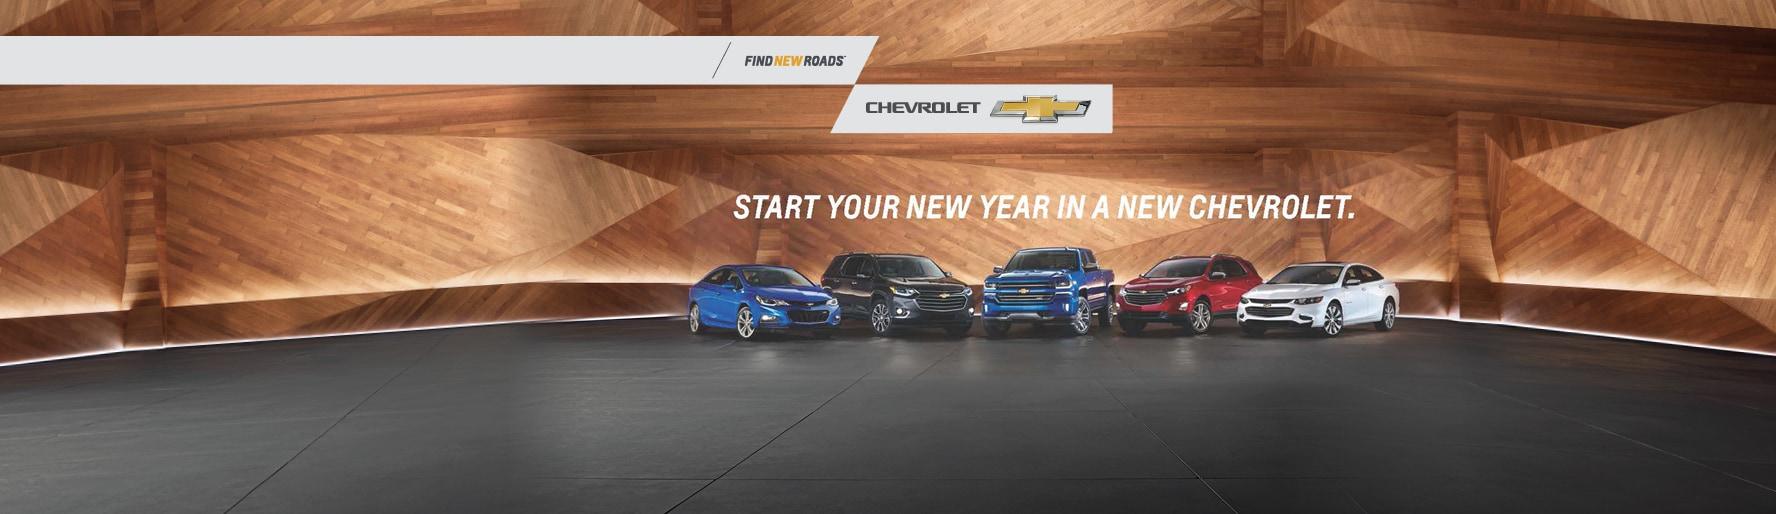 Chevy Dealer Lincoln Ne >> Husker Chevy New Used Car Dealer Lincoln Ne